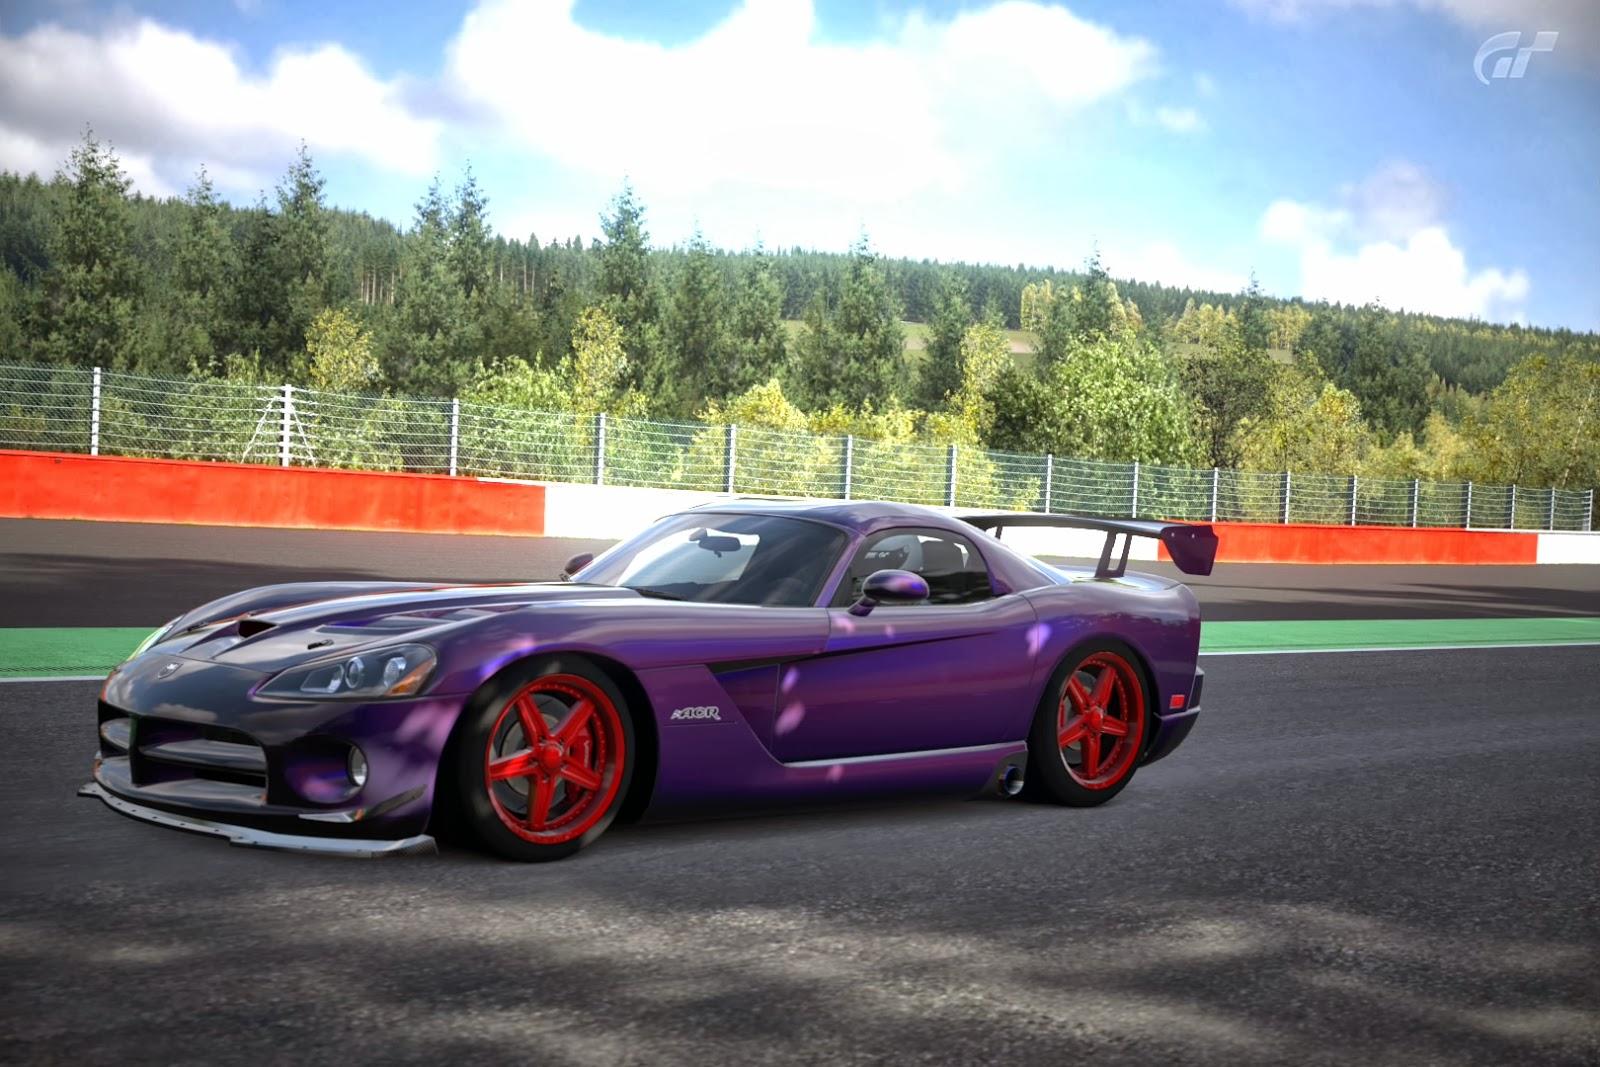 Gt5 Fun 2 Drift Hpa Motorsports Ft565 Twin Turbo Audi Tt Fog Light